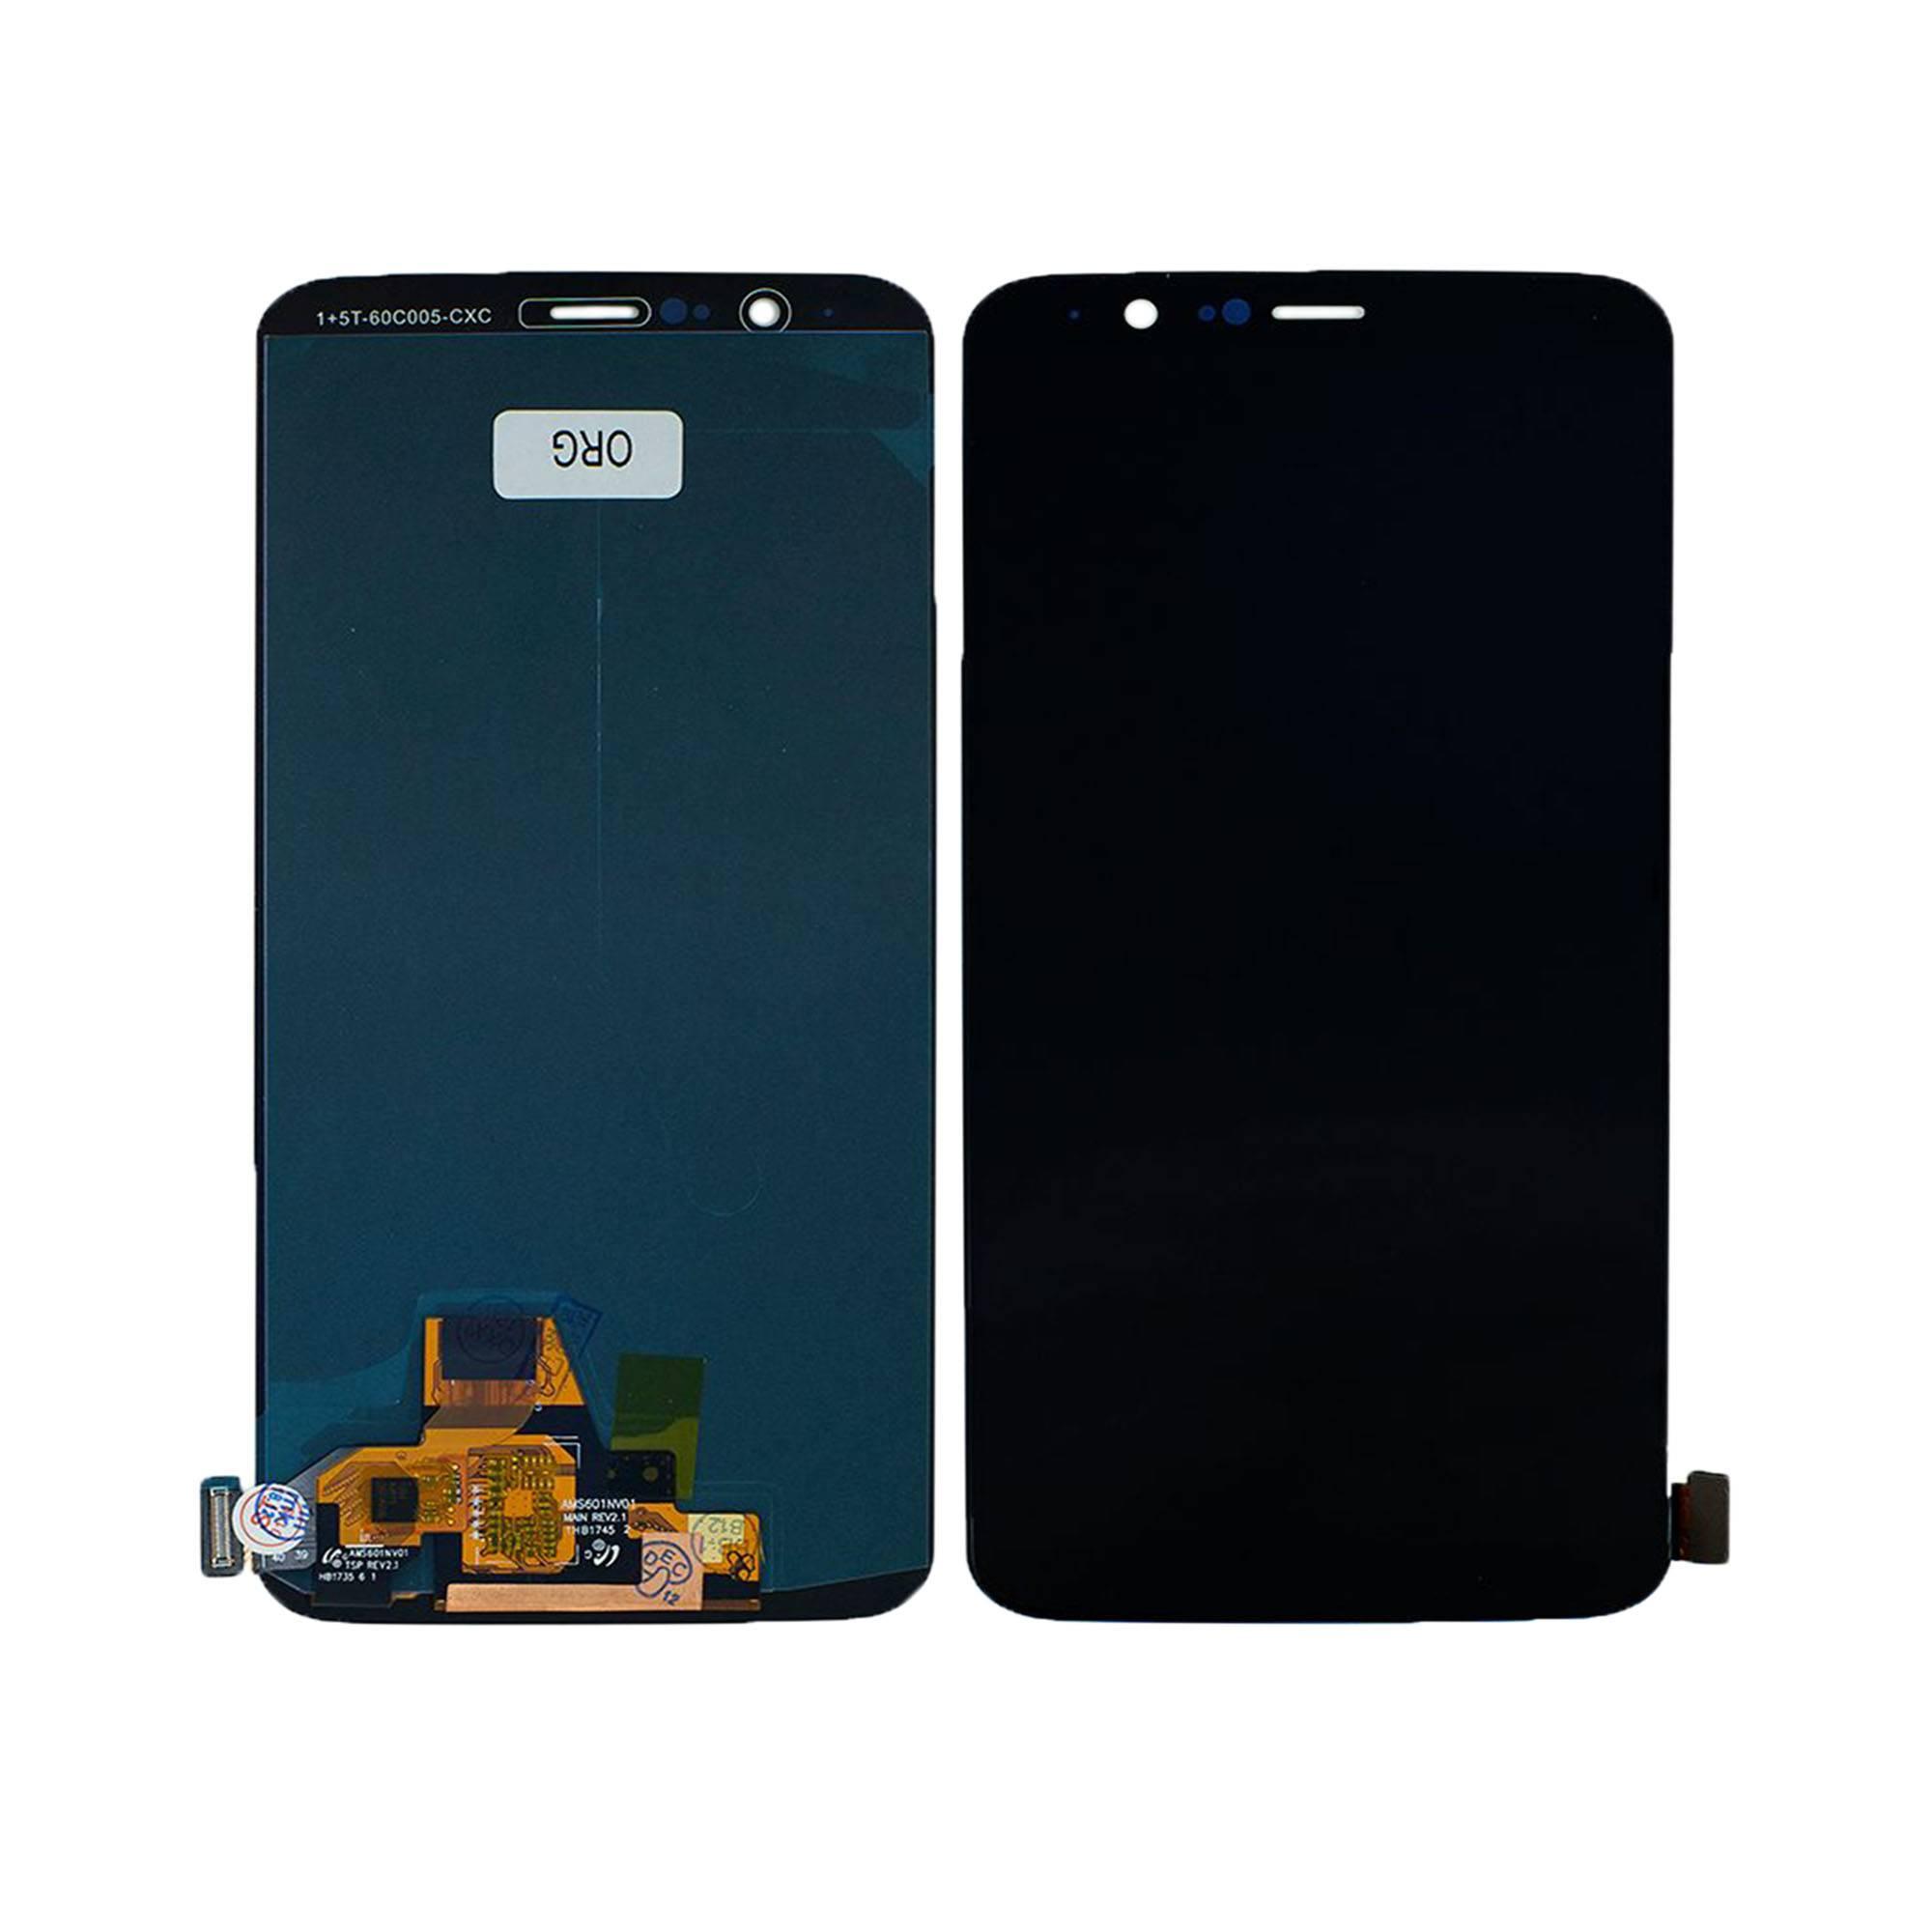 ЗАПЧАСТИ ДЛЯ СОТОВЫХ :: ЗАПЧАСТИ ДЛЯ ONEPLUS :: ДИСПЛЕЙ :: Дисплей OnePlus 5T+тачскрин (черный)